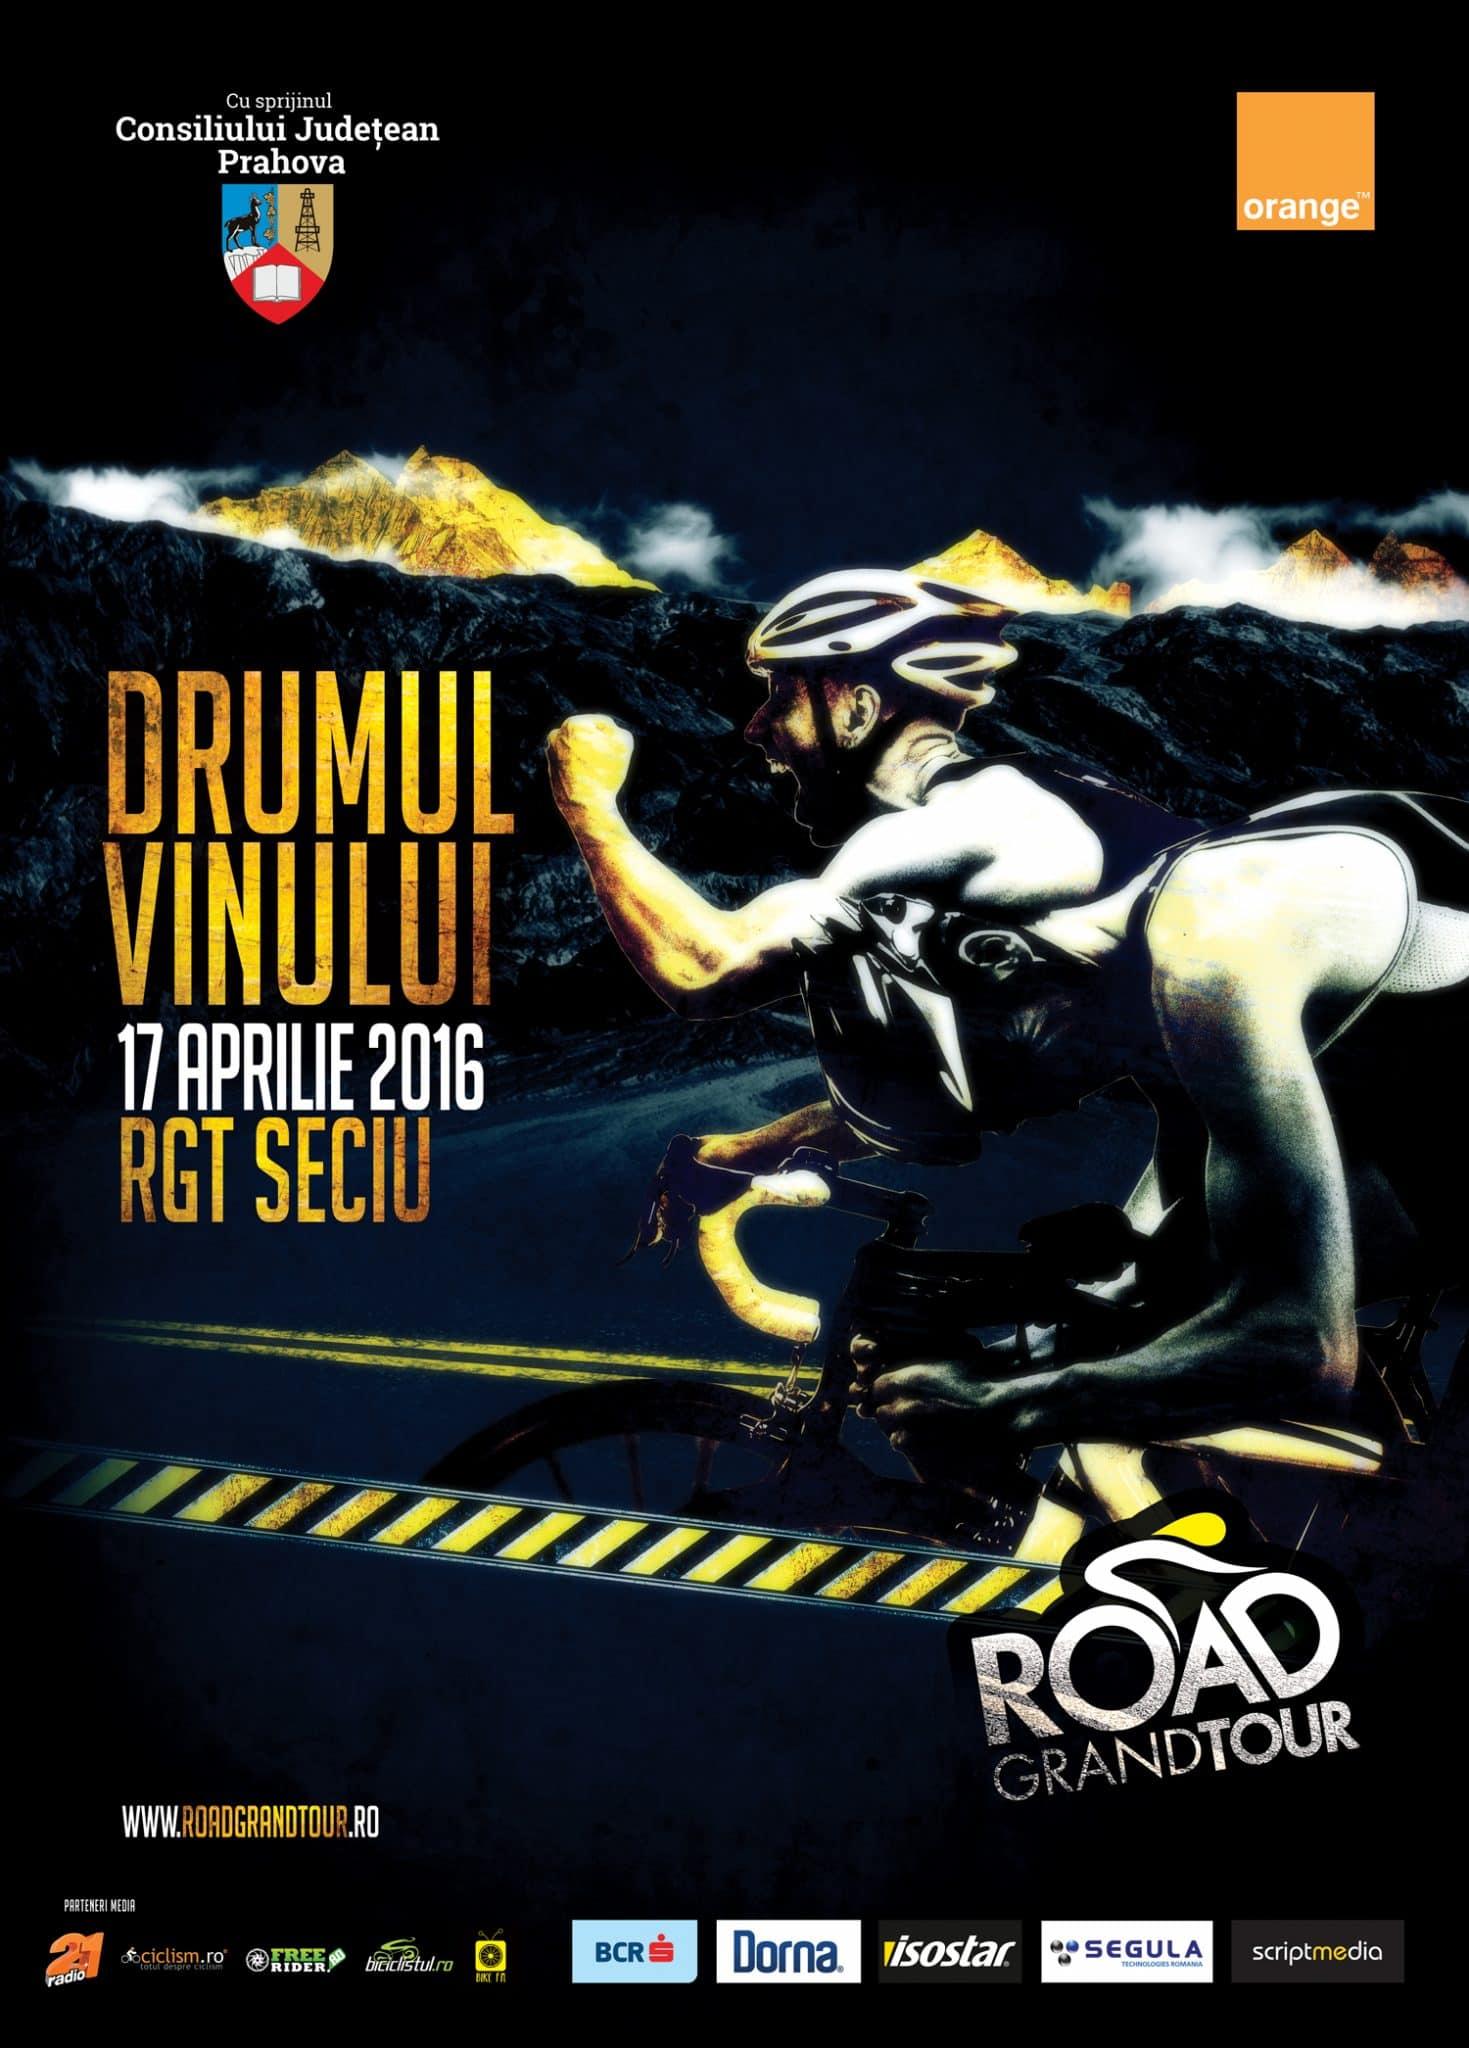 Se dă startul Road Grand Tour 2016!